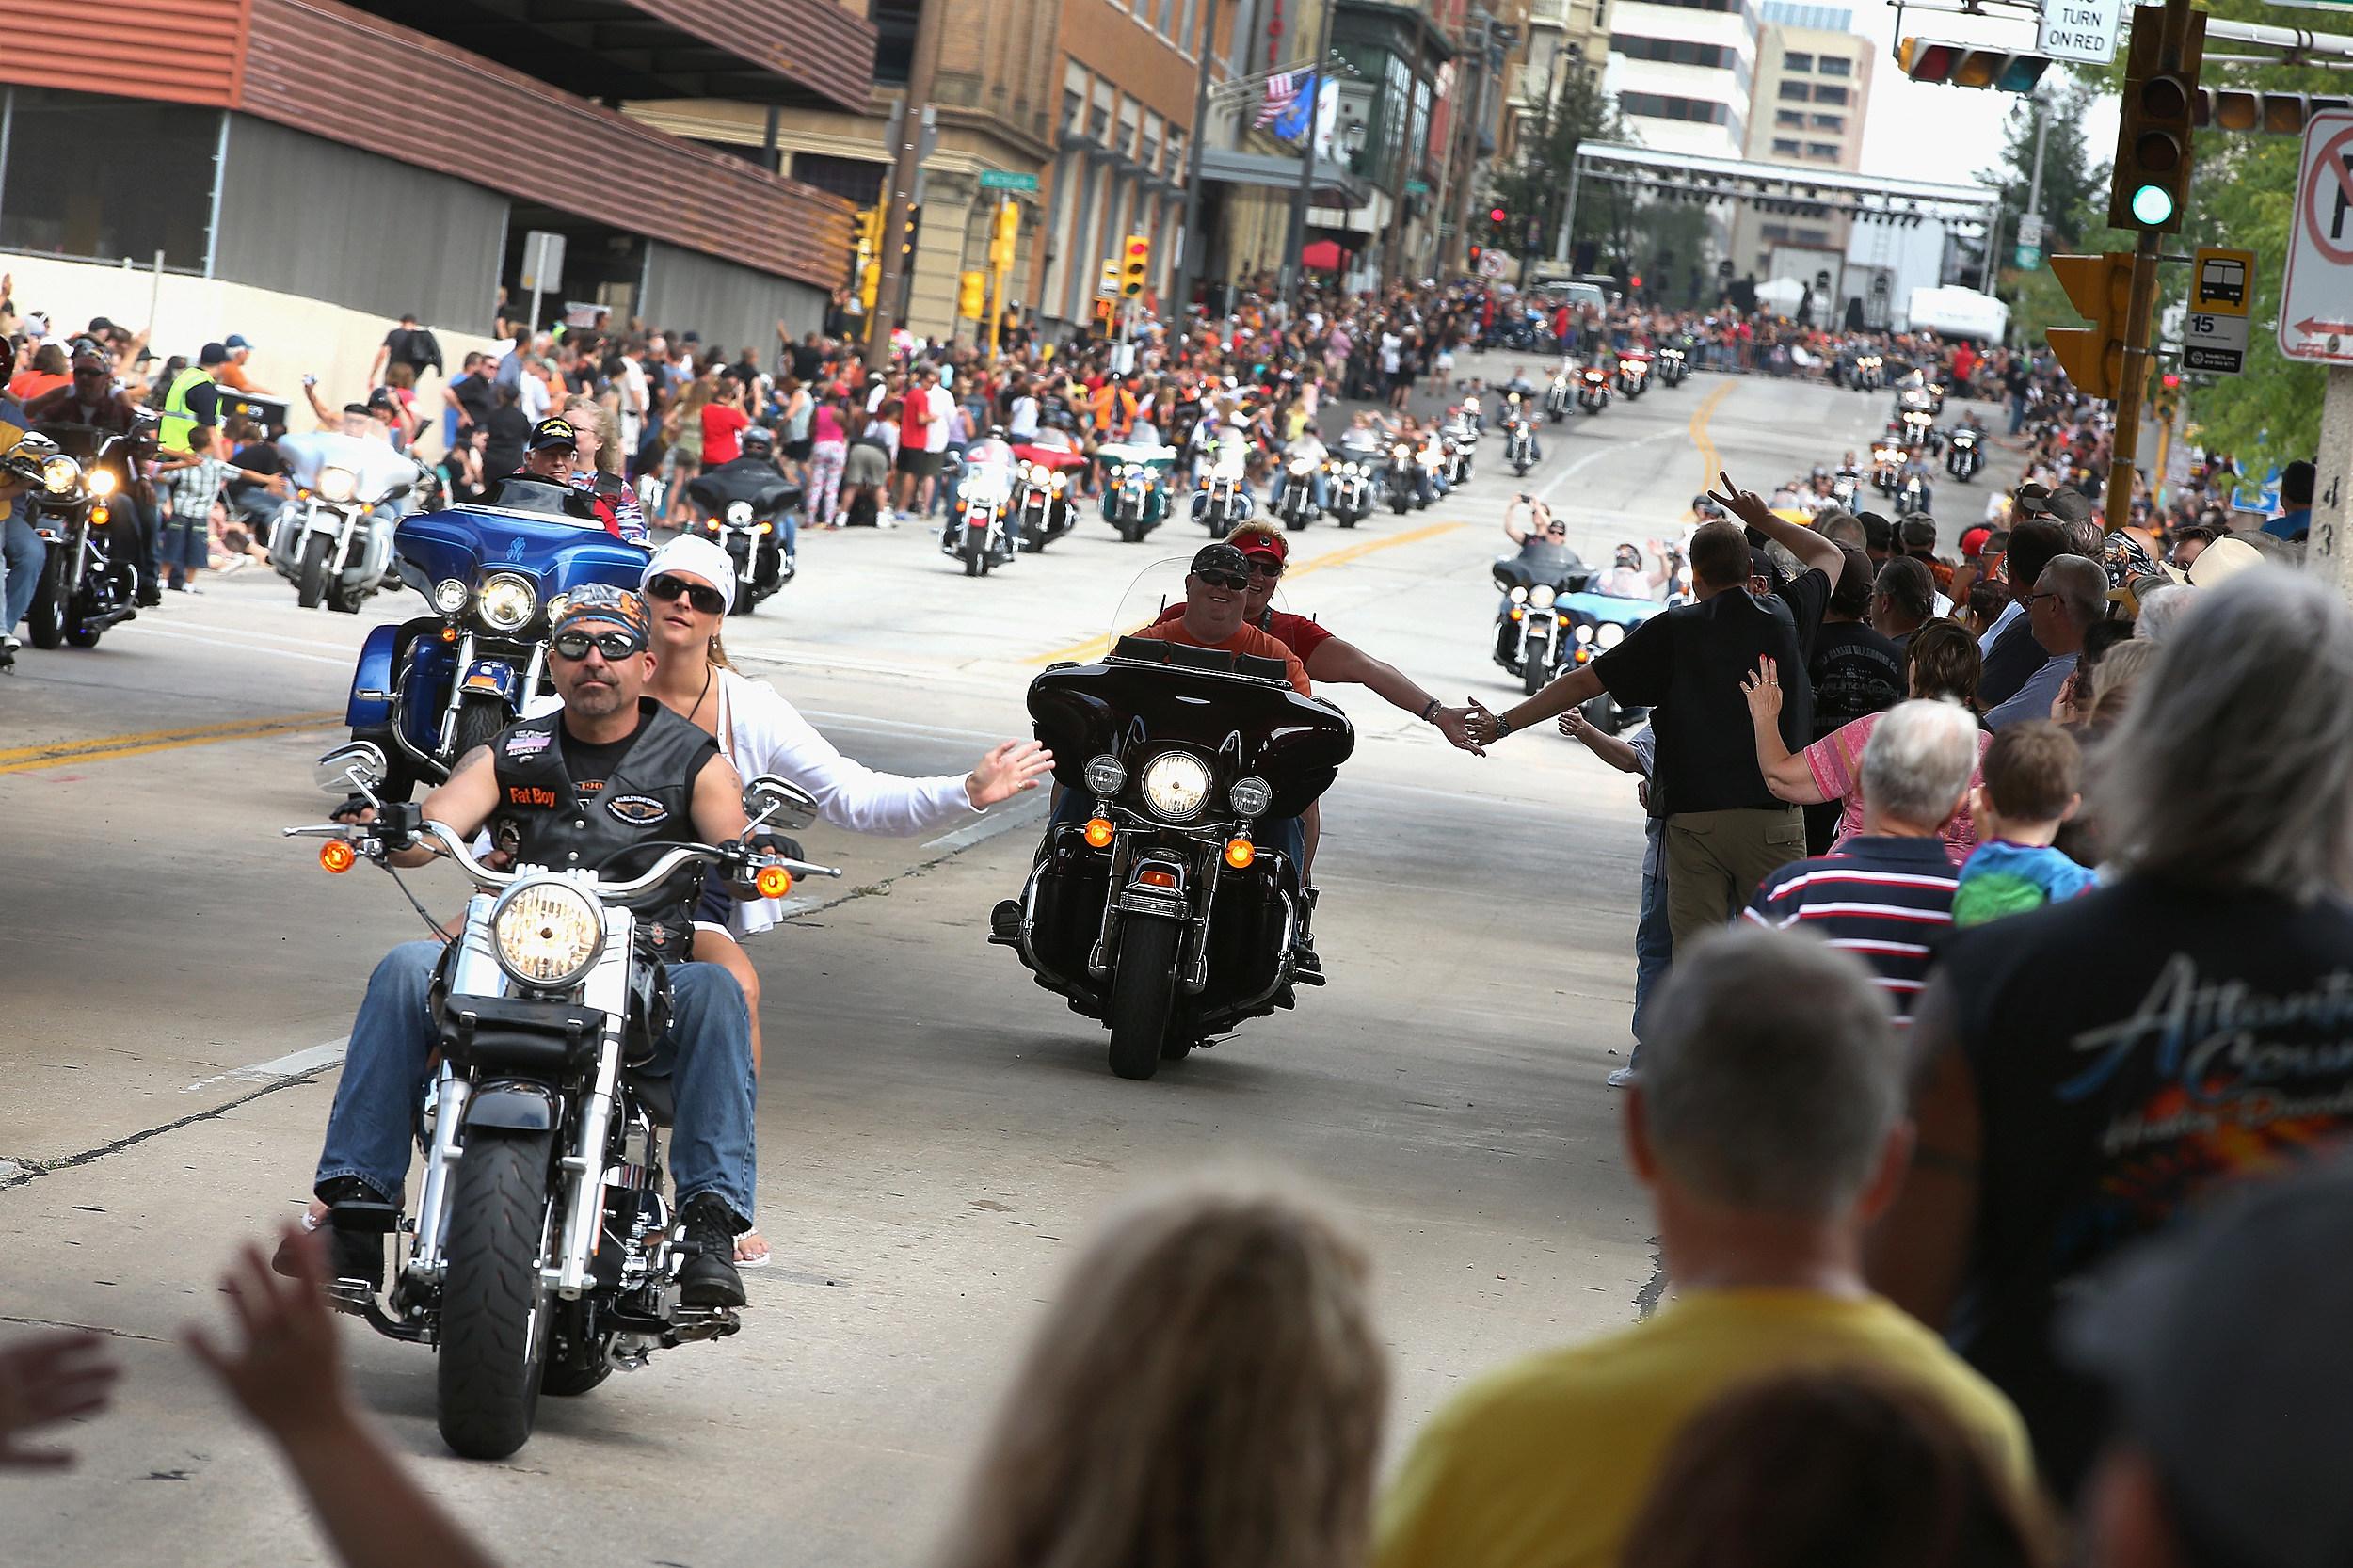 Are motorcycles safe in el paso?